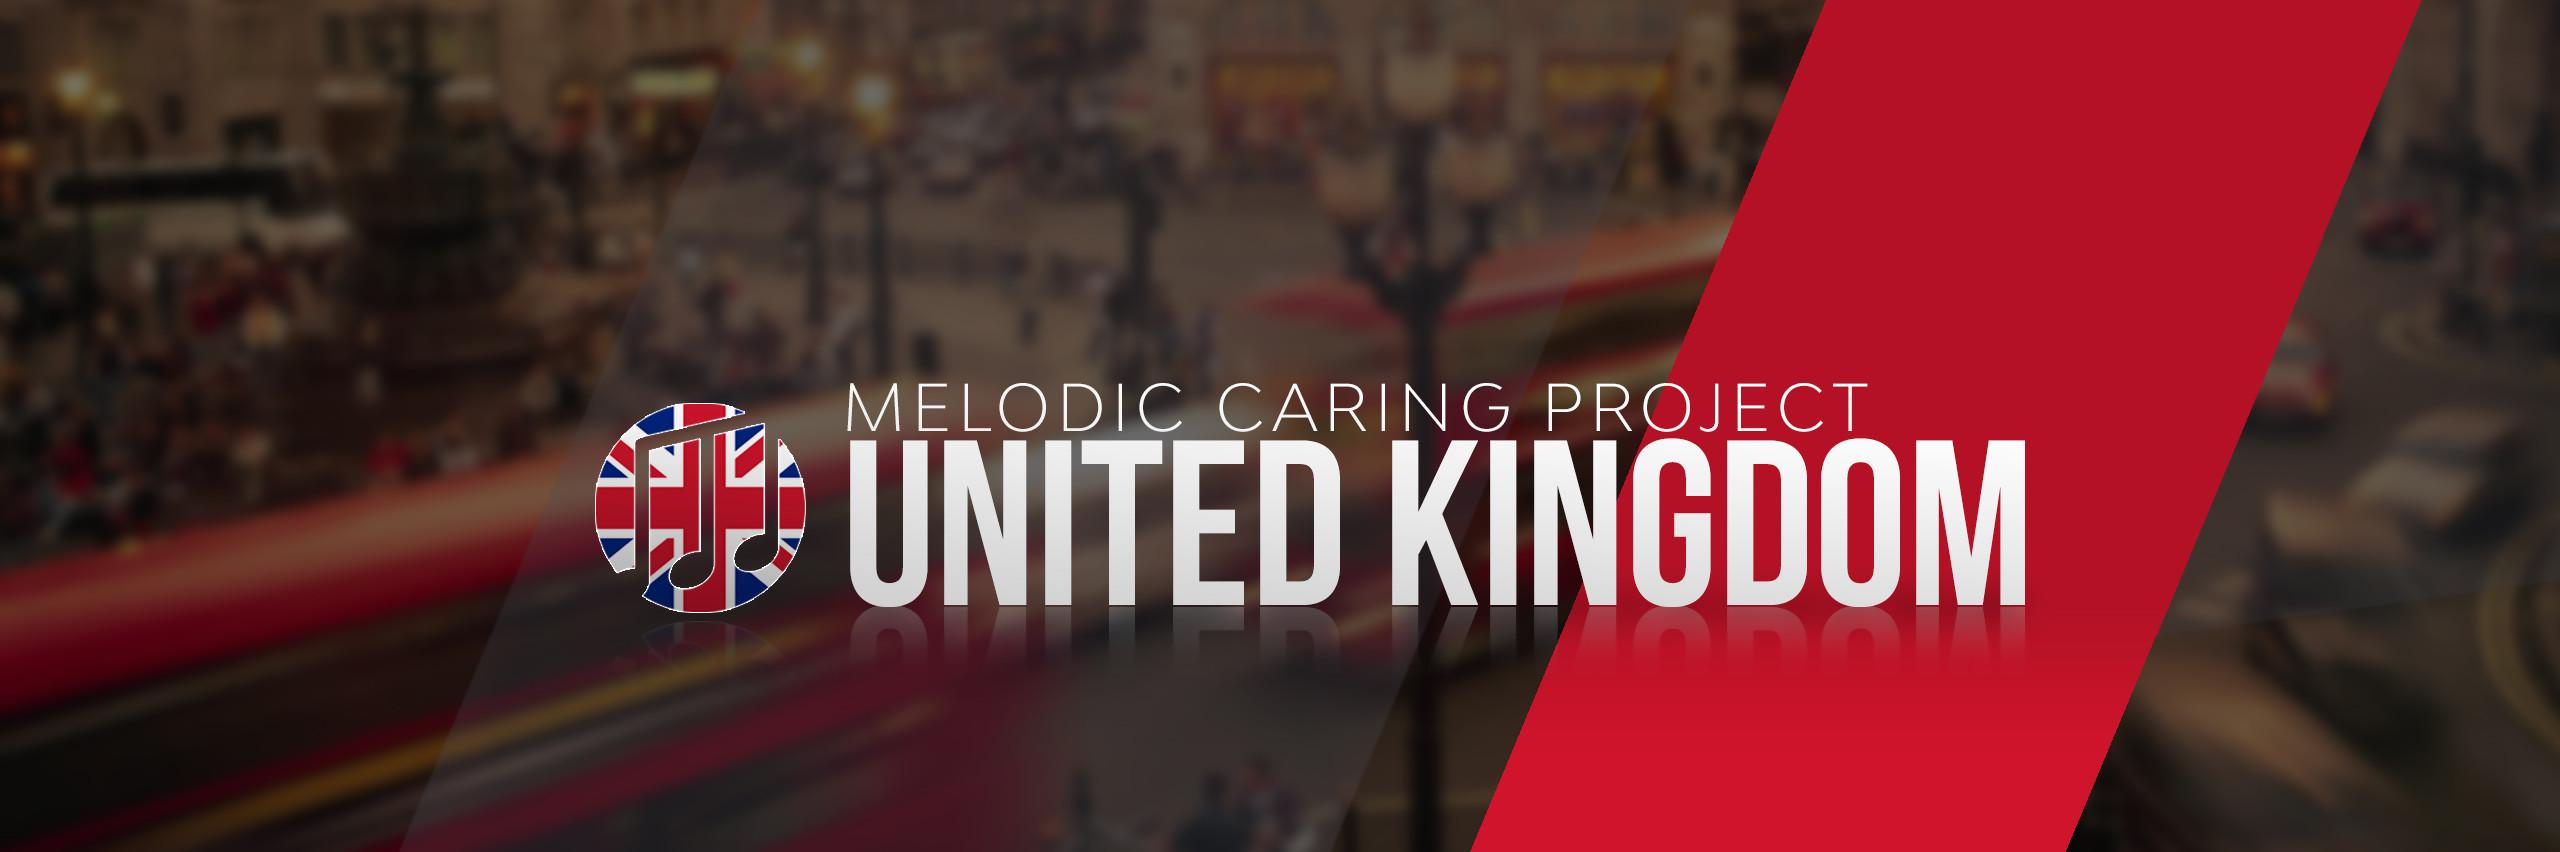 MCP U.K.